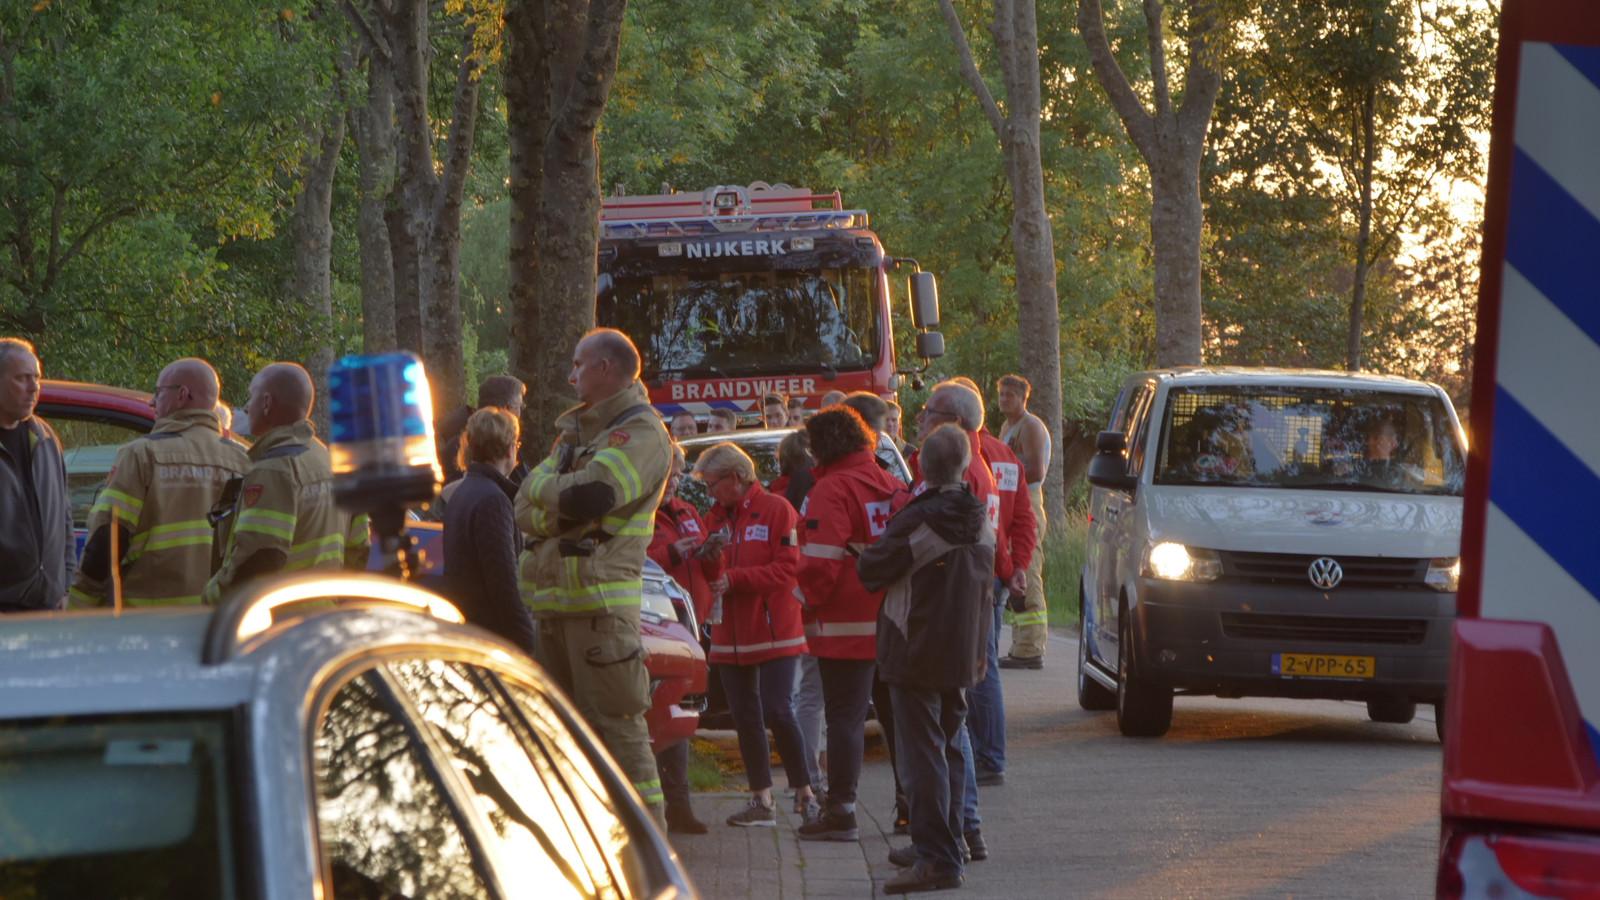 Politie, brandweer en het Rode Kruis deden vanavond een grote zoekactie naar de vermiste Hannie.